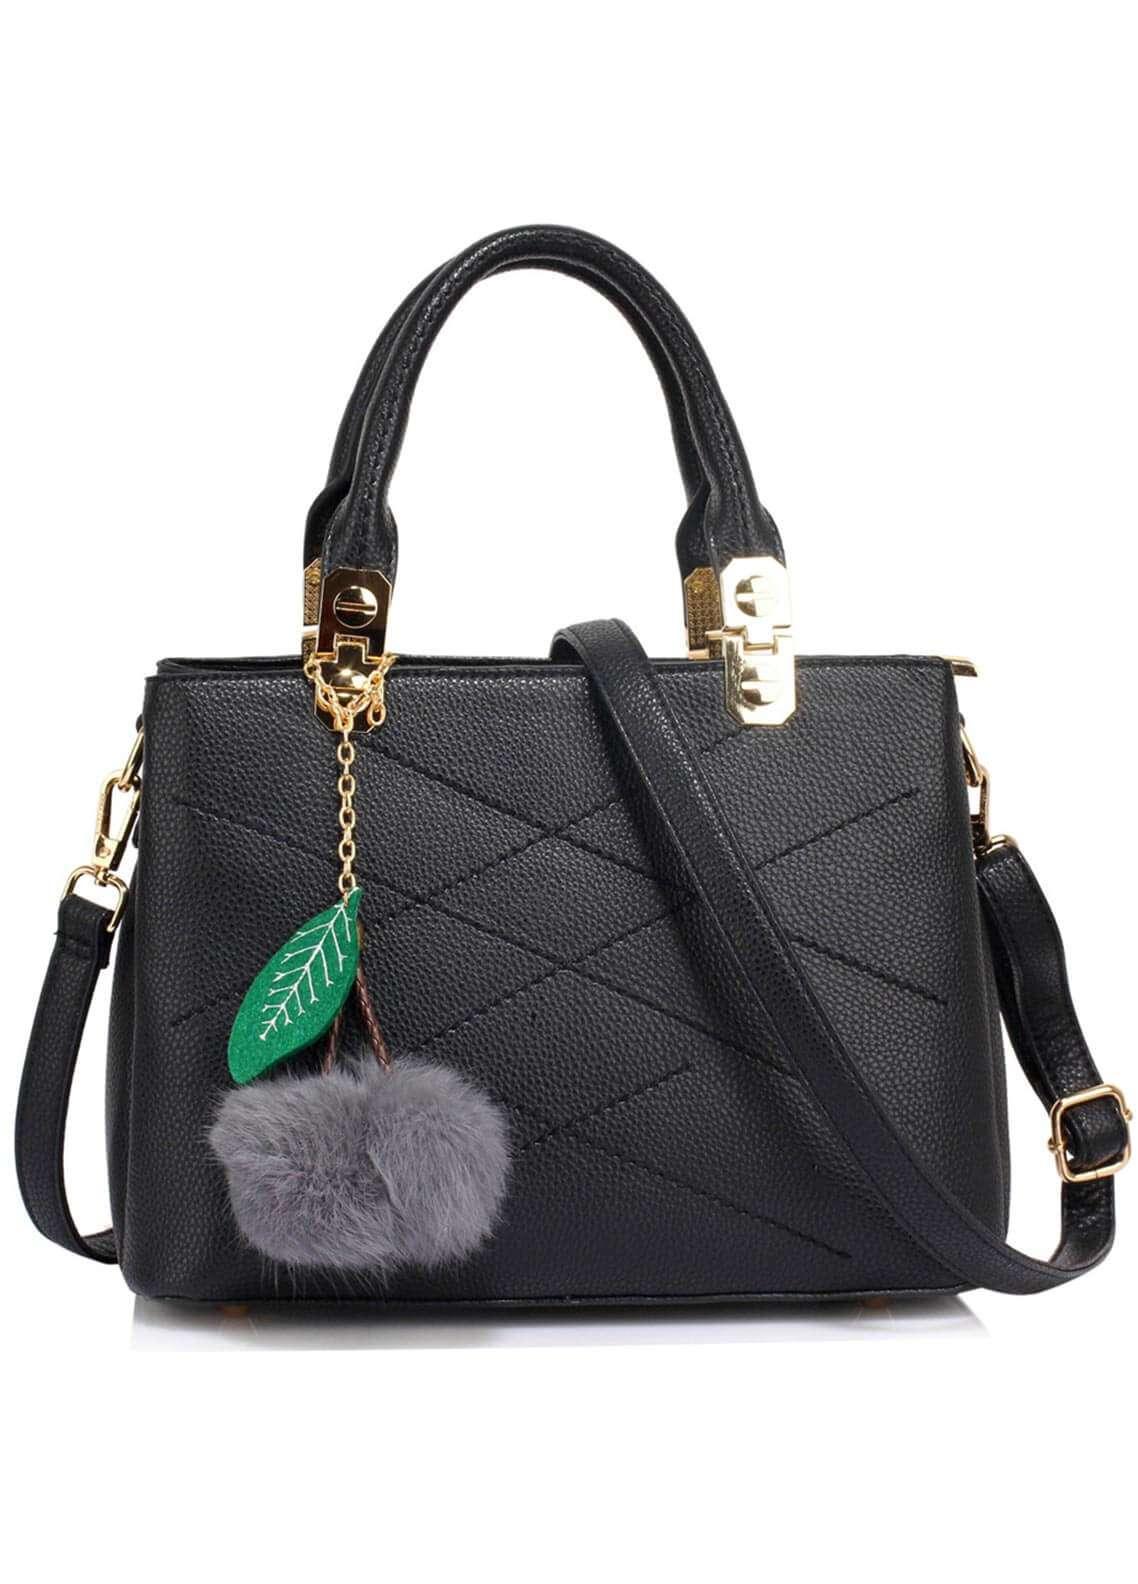 Anna Grace London Faux Leather Shoulder Bags for Woman - Black